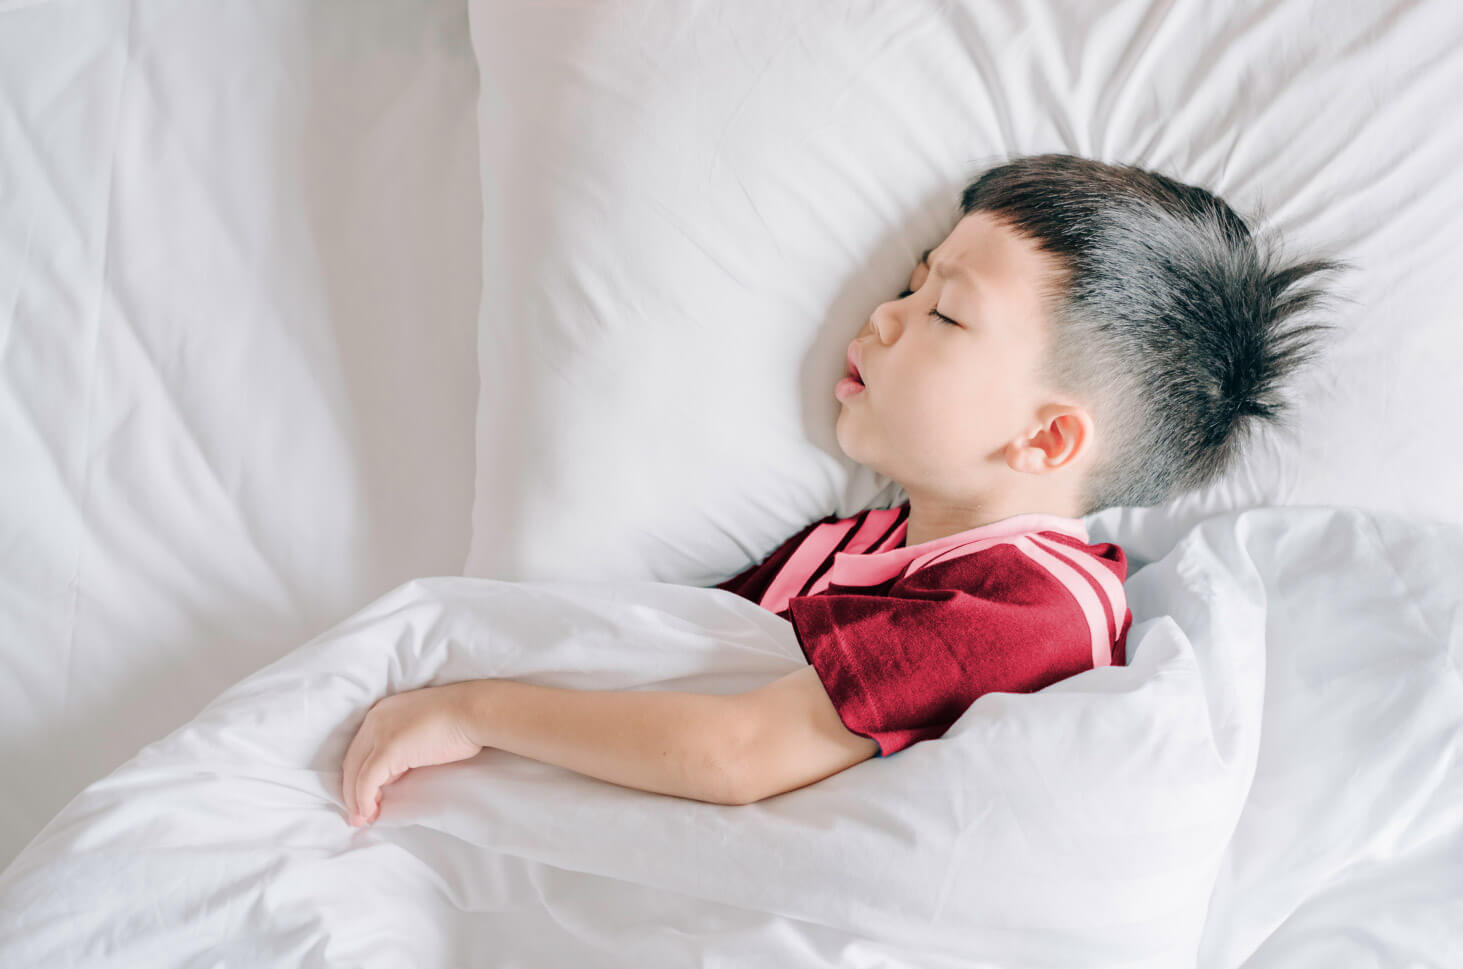 5 Tips Menjaga Pola Hidup Sehat si Anak, Para Orang Tua Harus Perhatikan ya ! 7